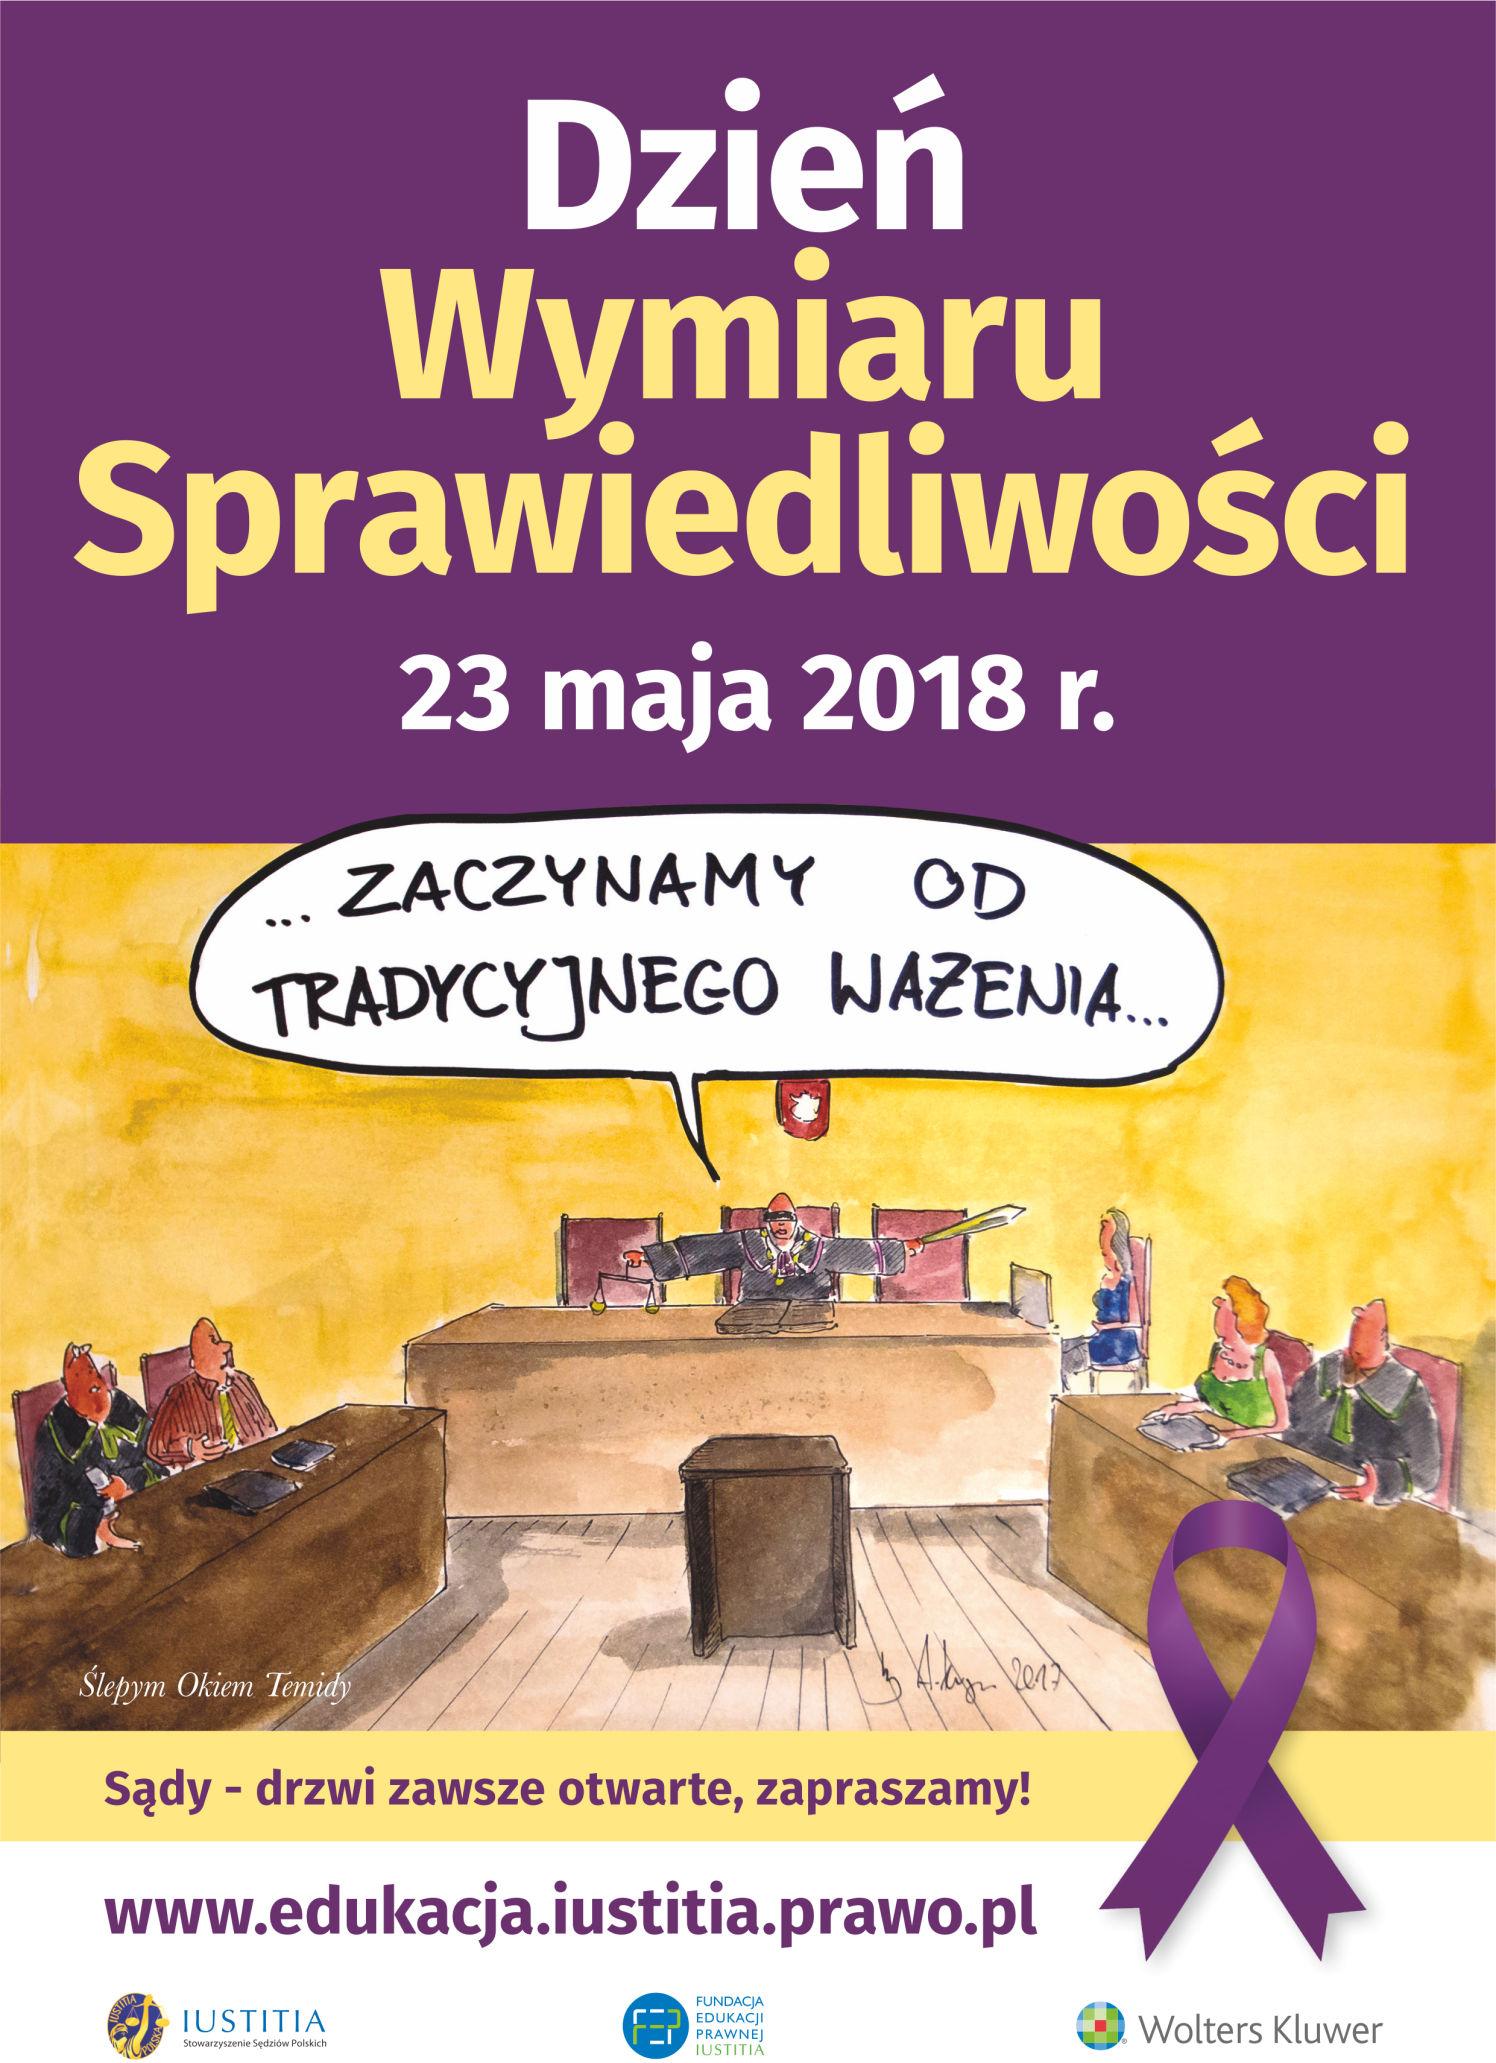 Dzień Wymiaru Sprawiedliwości - plakat 2018